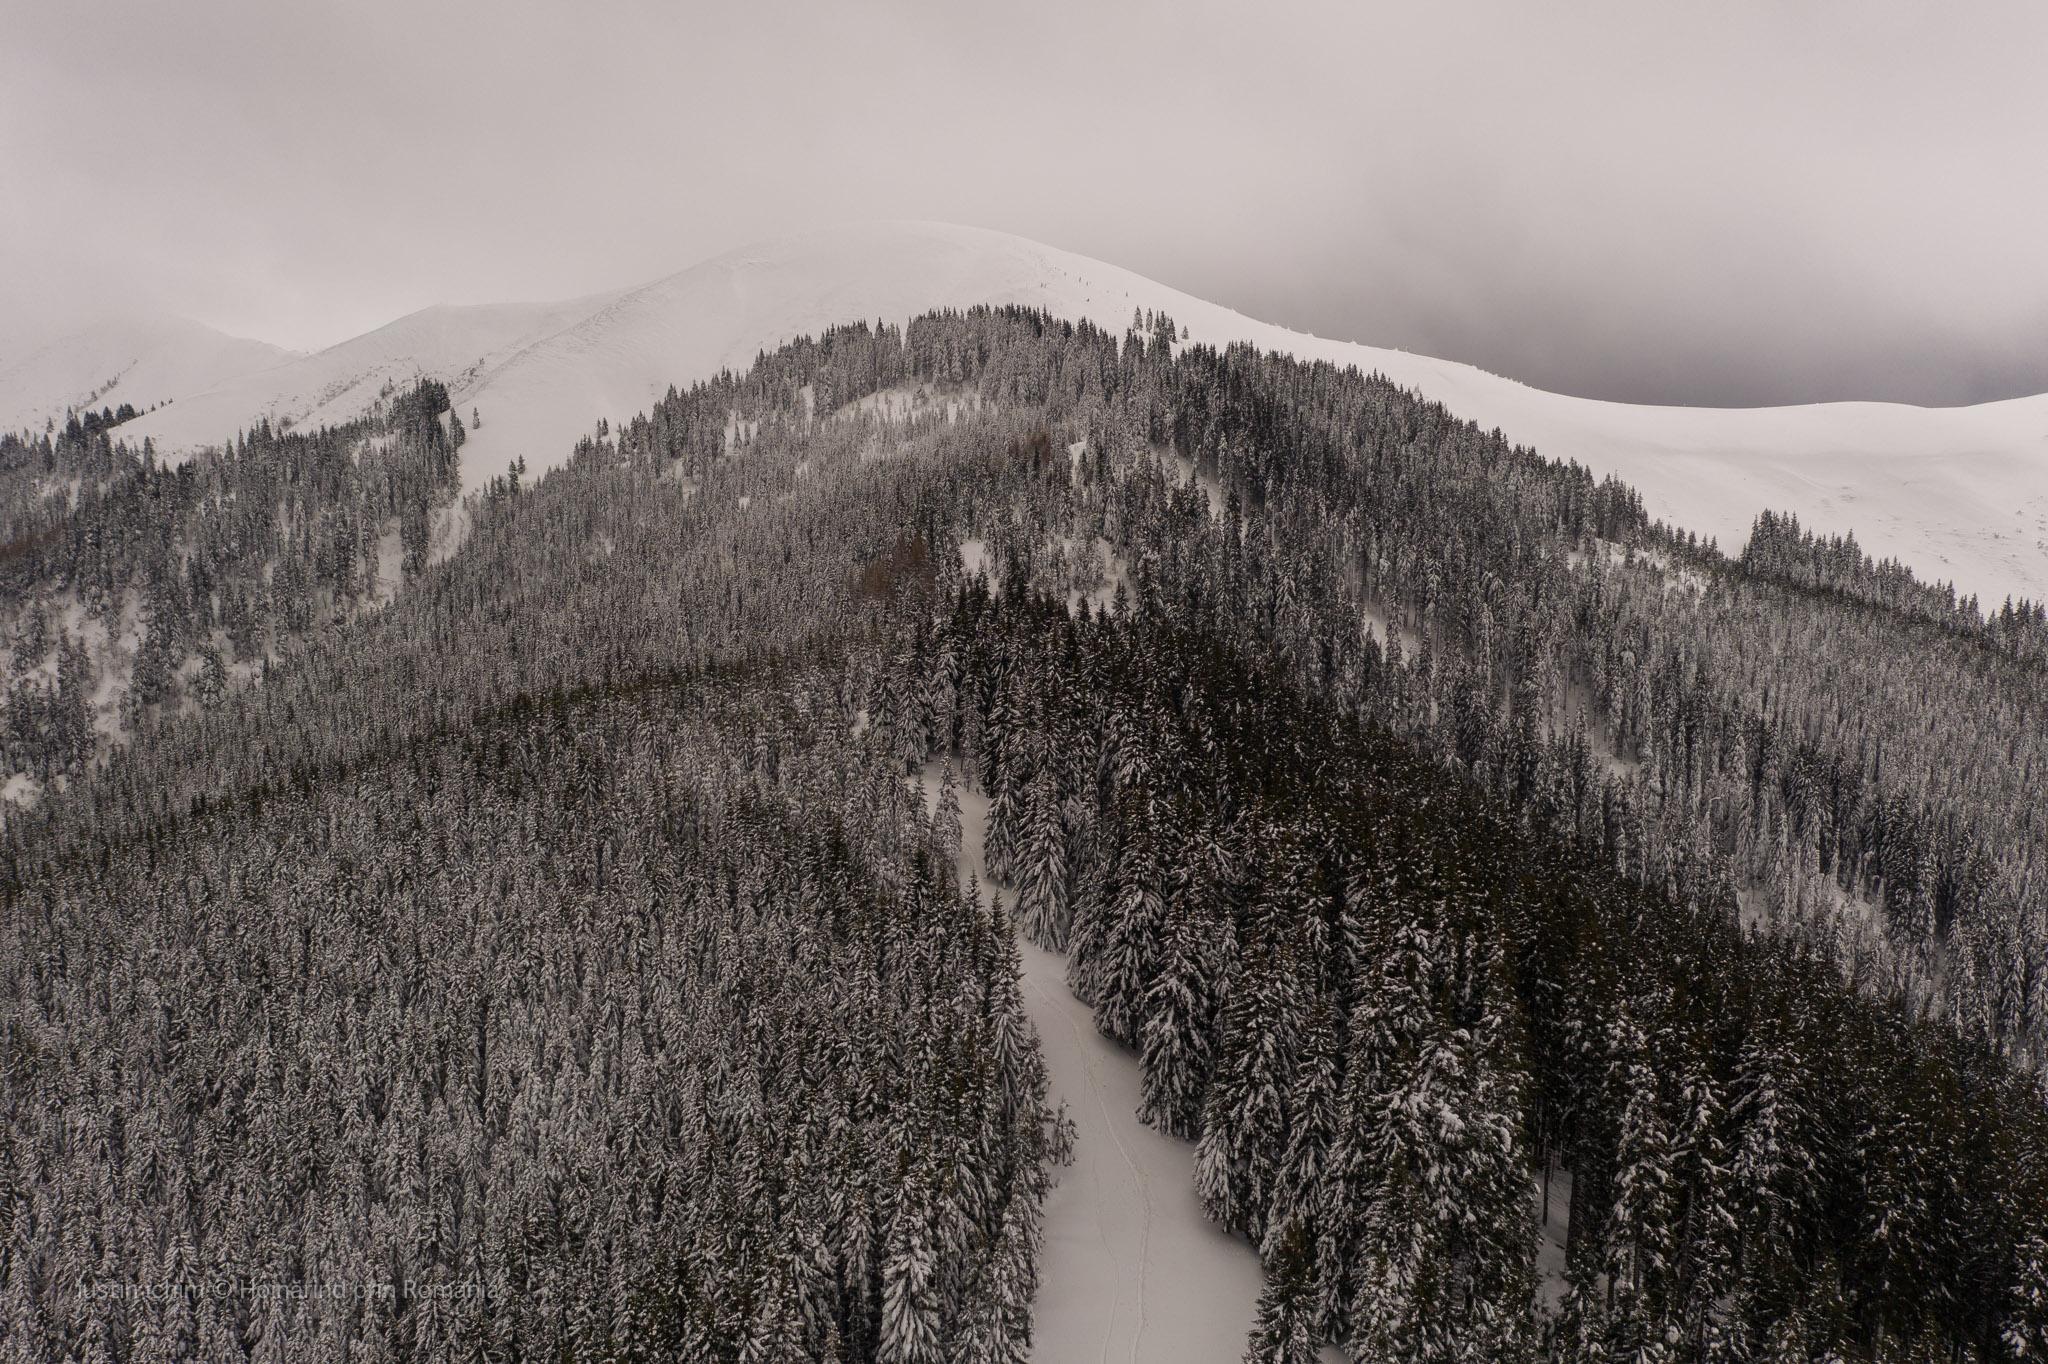 Traseu de iarnă prin nămeți spre Vf. Bucșa